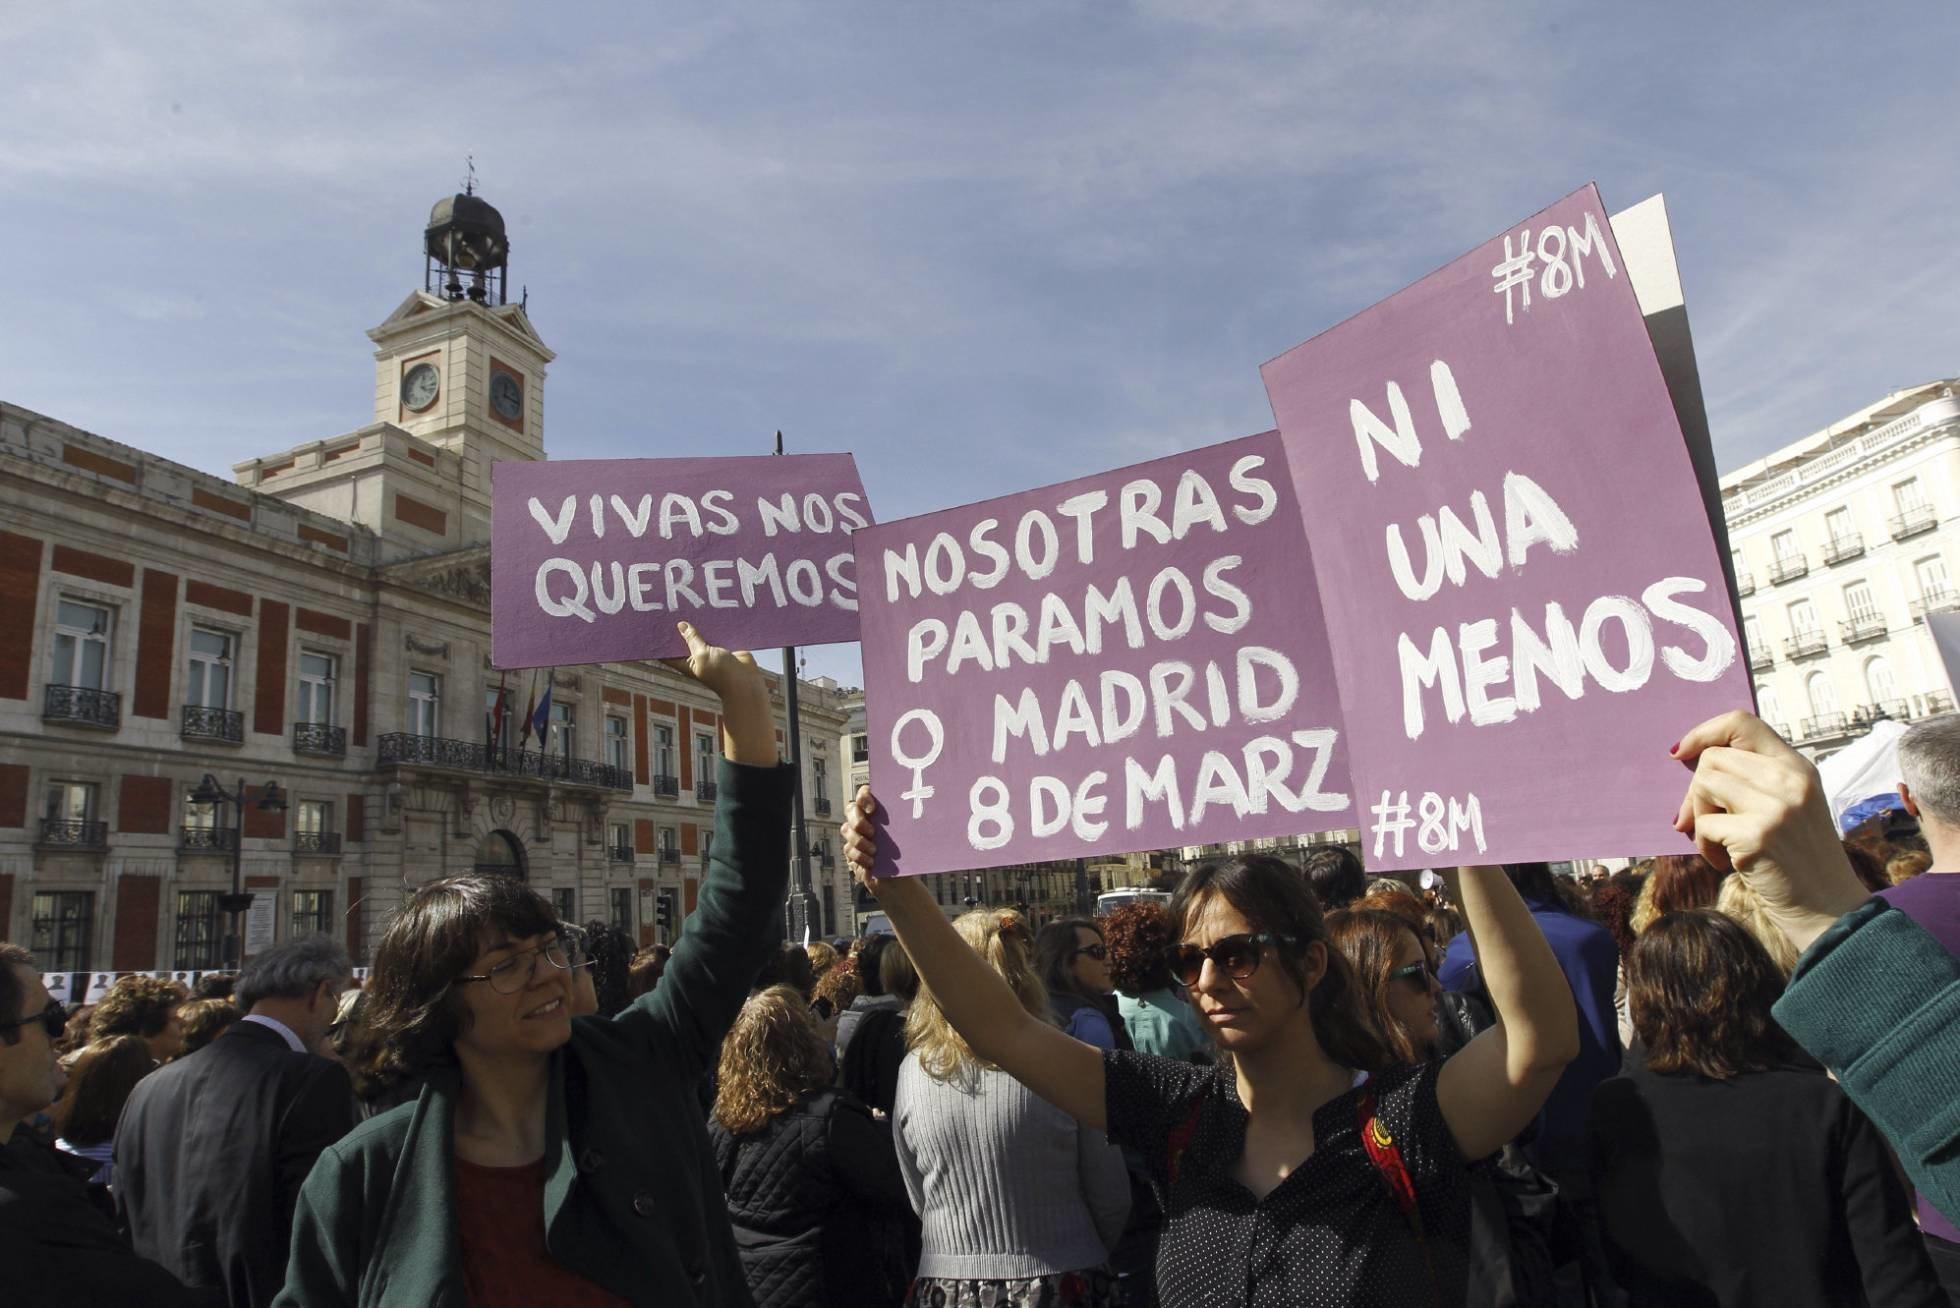 En las manifestaciones, respeta la visibilidad de las mujeres